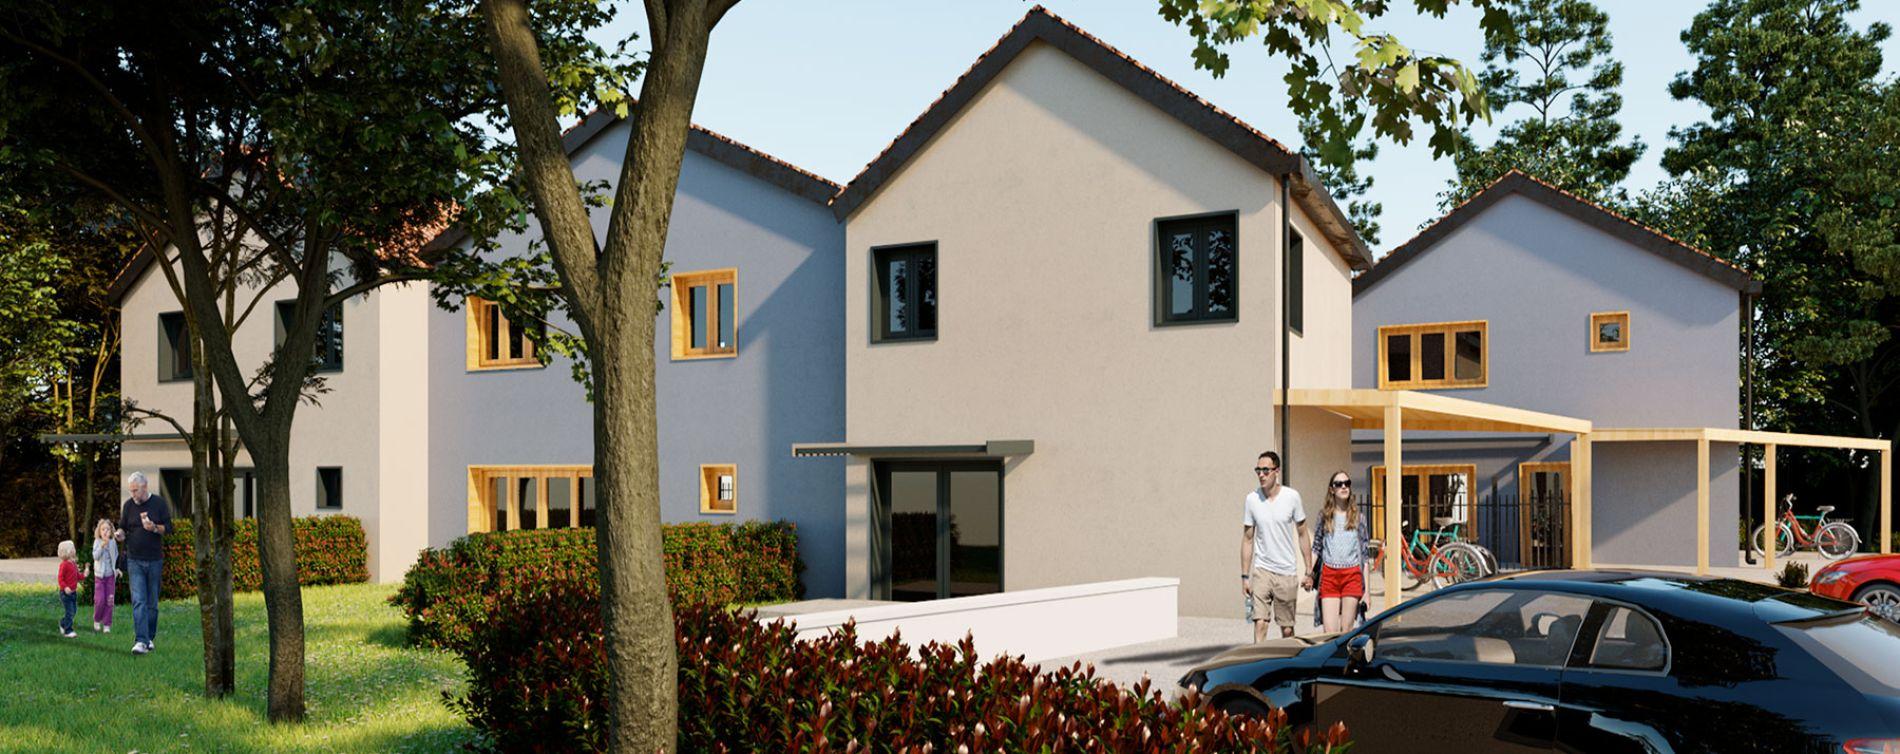 Résidence Les Villas de l'Europe à Mérignac